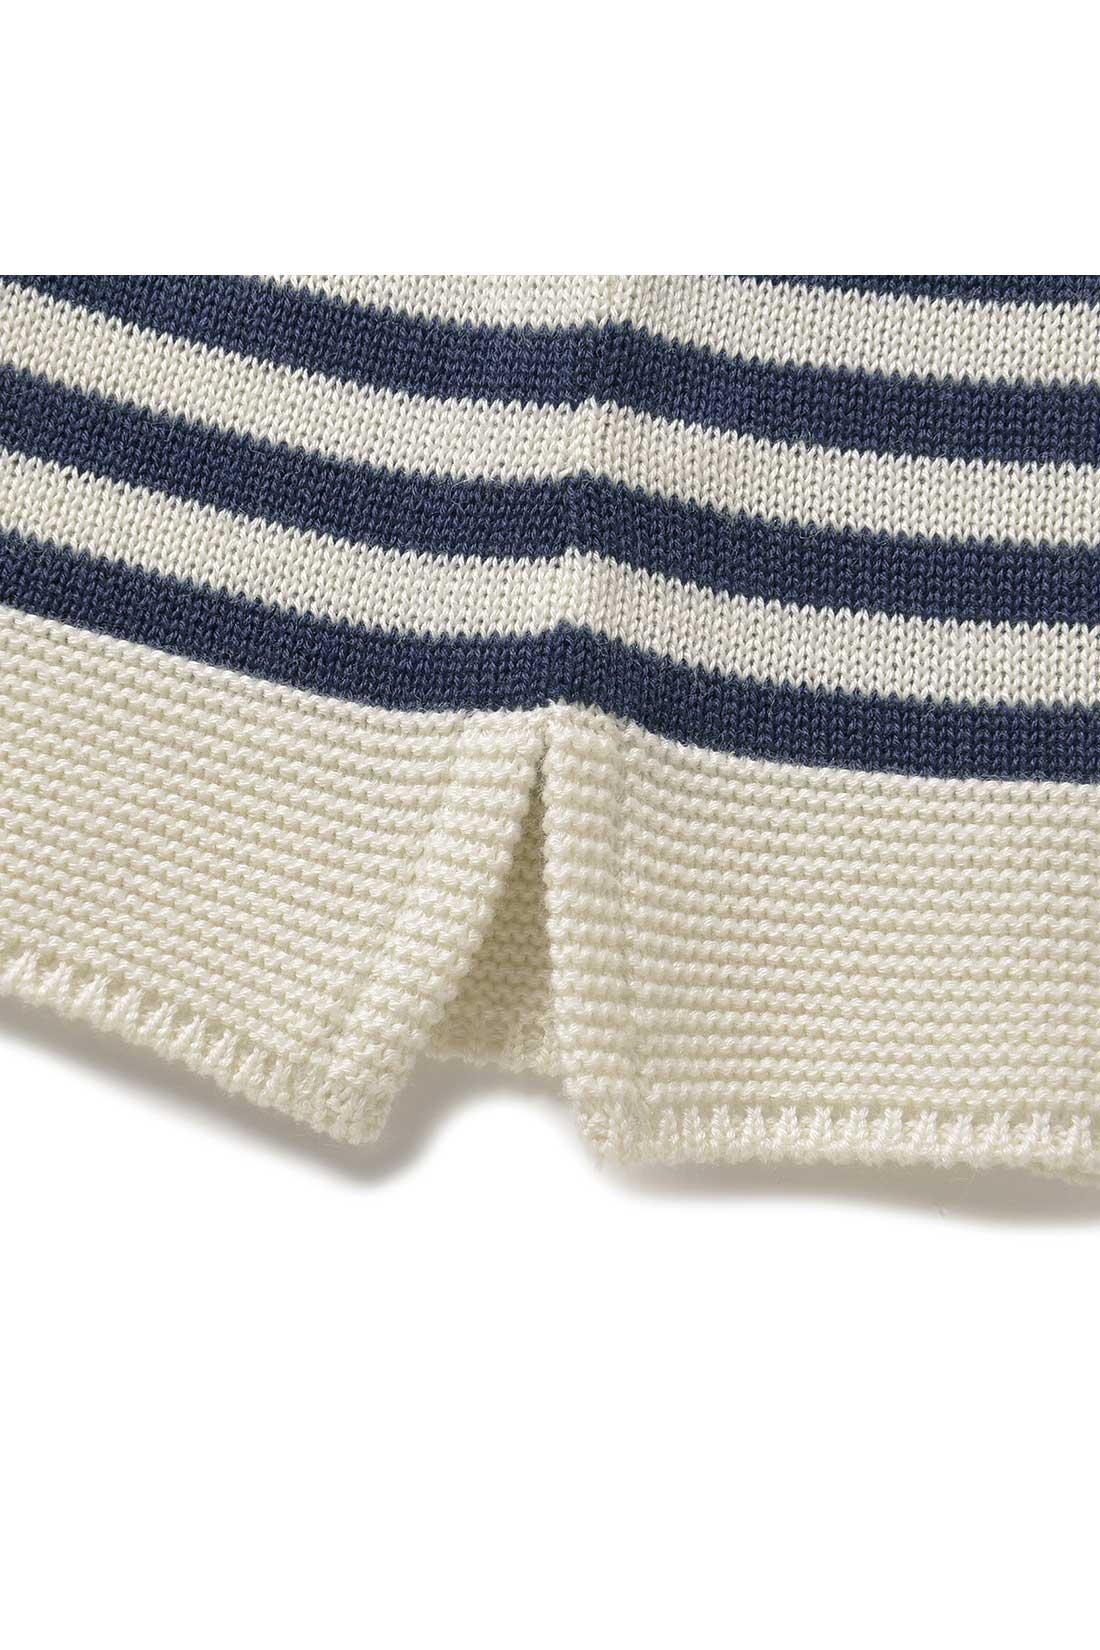 すそは変わり編みでメリハリ、サイドにはスリットをさりげなく。